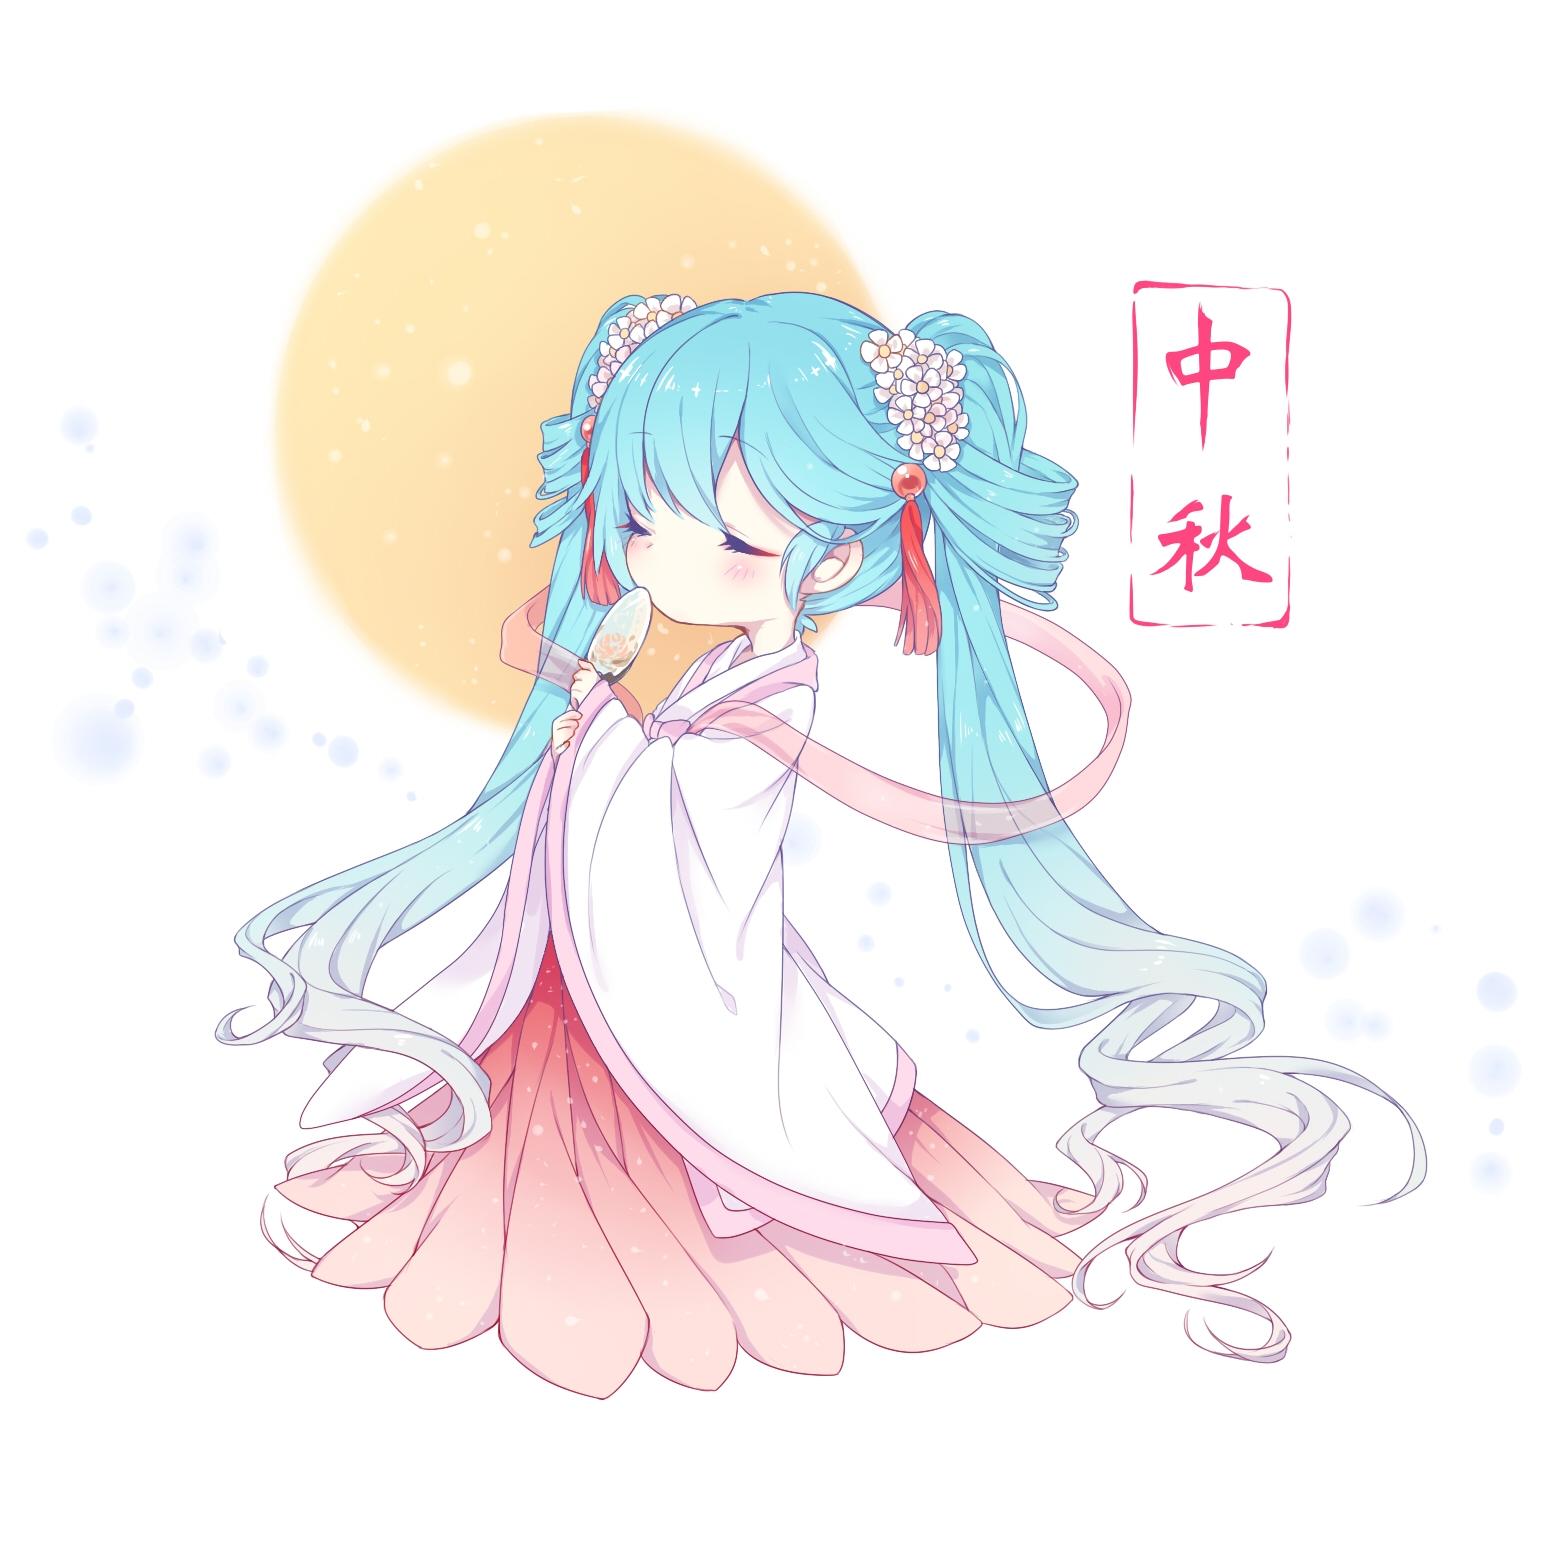 【初音未来】中秋节壁纸,公主殿下赛高_图片 No.19